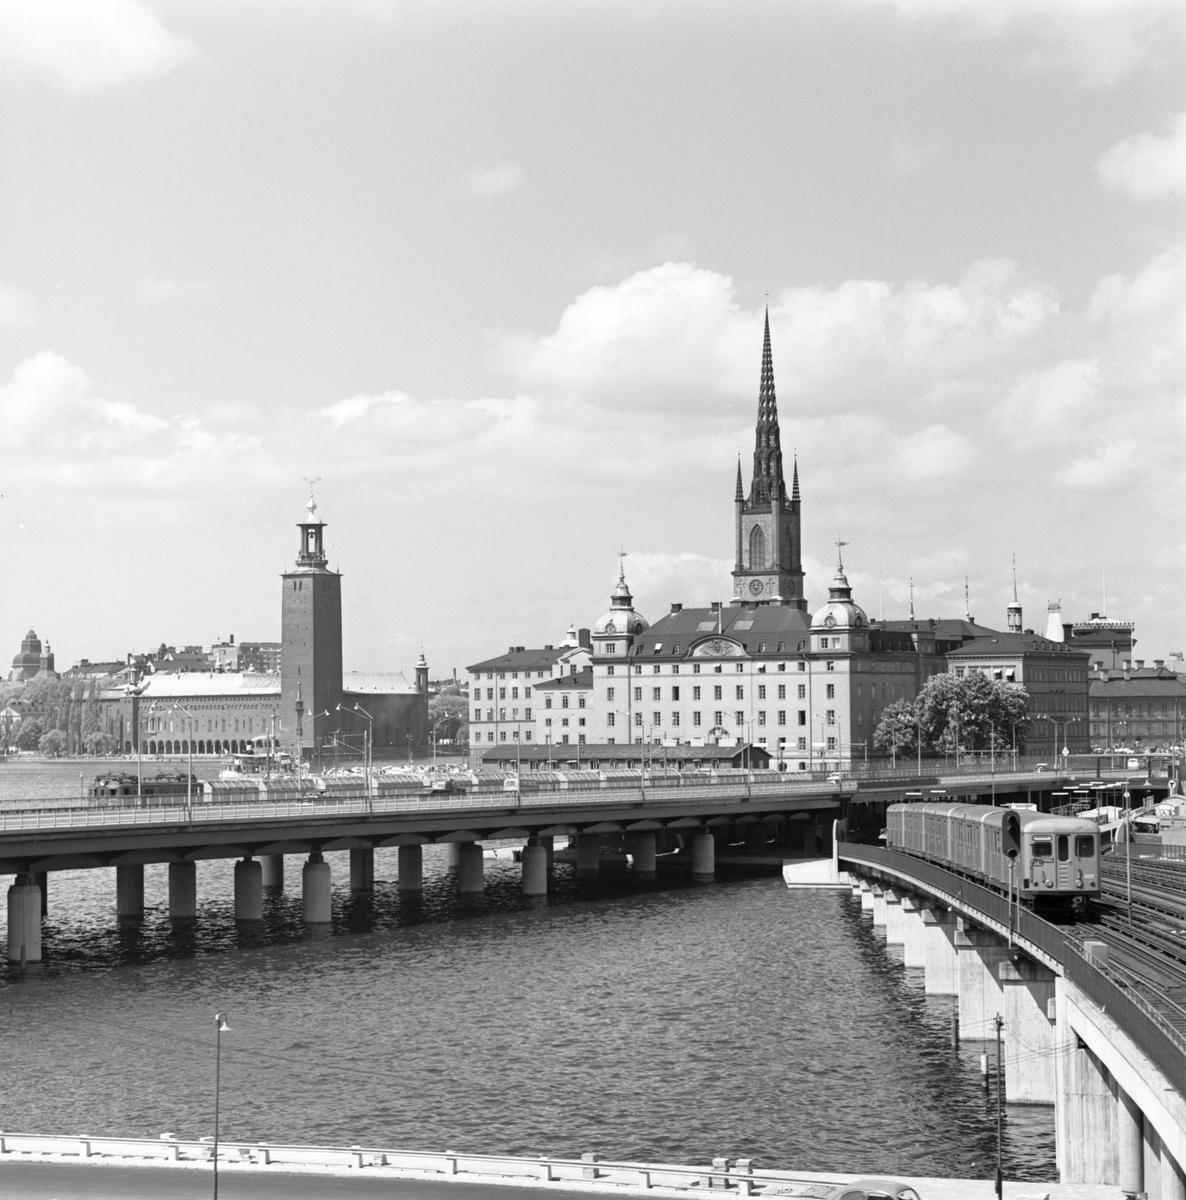 Söderbron, på sträckan mellan Riddarholmen och Söder Mälarstrand. Centralbron och Södra Järnvägsbron i bildens mitt.